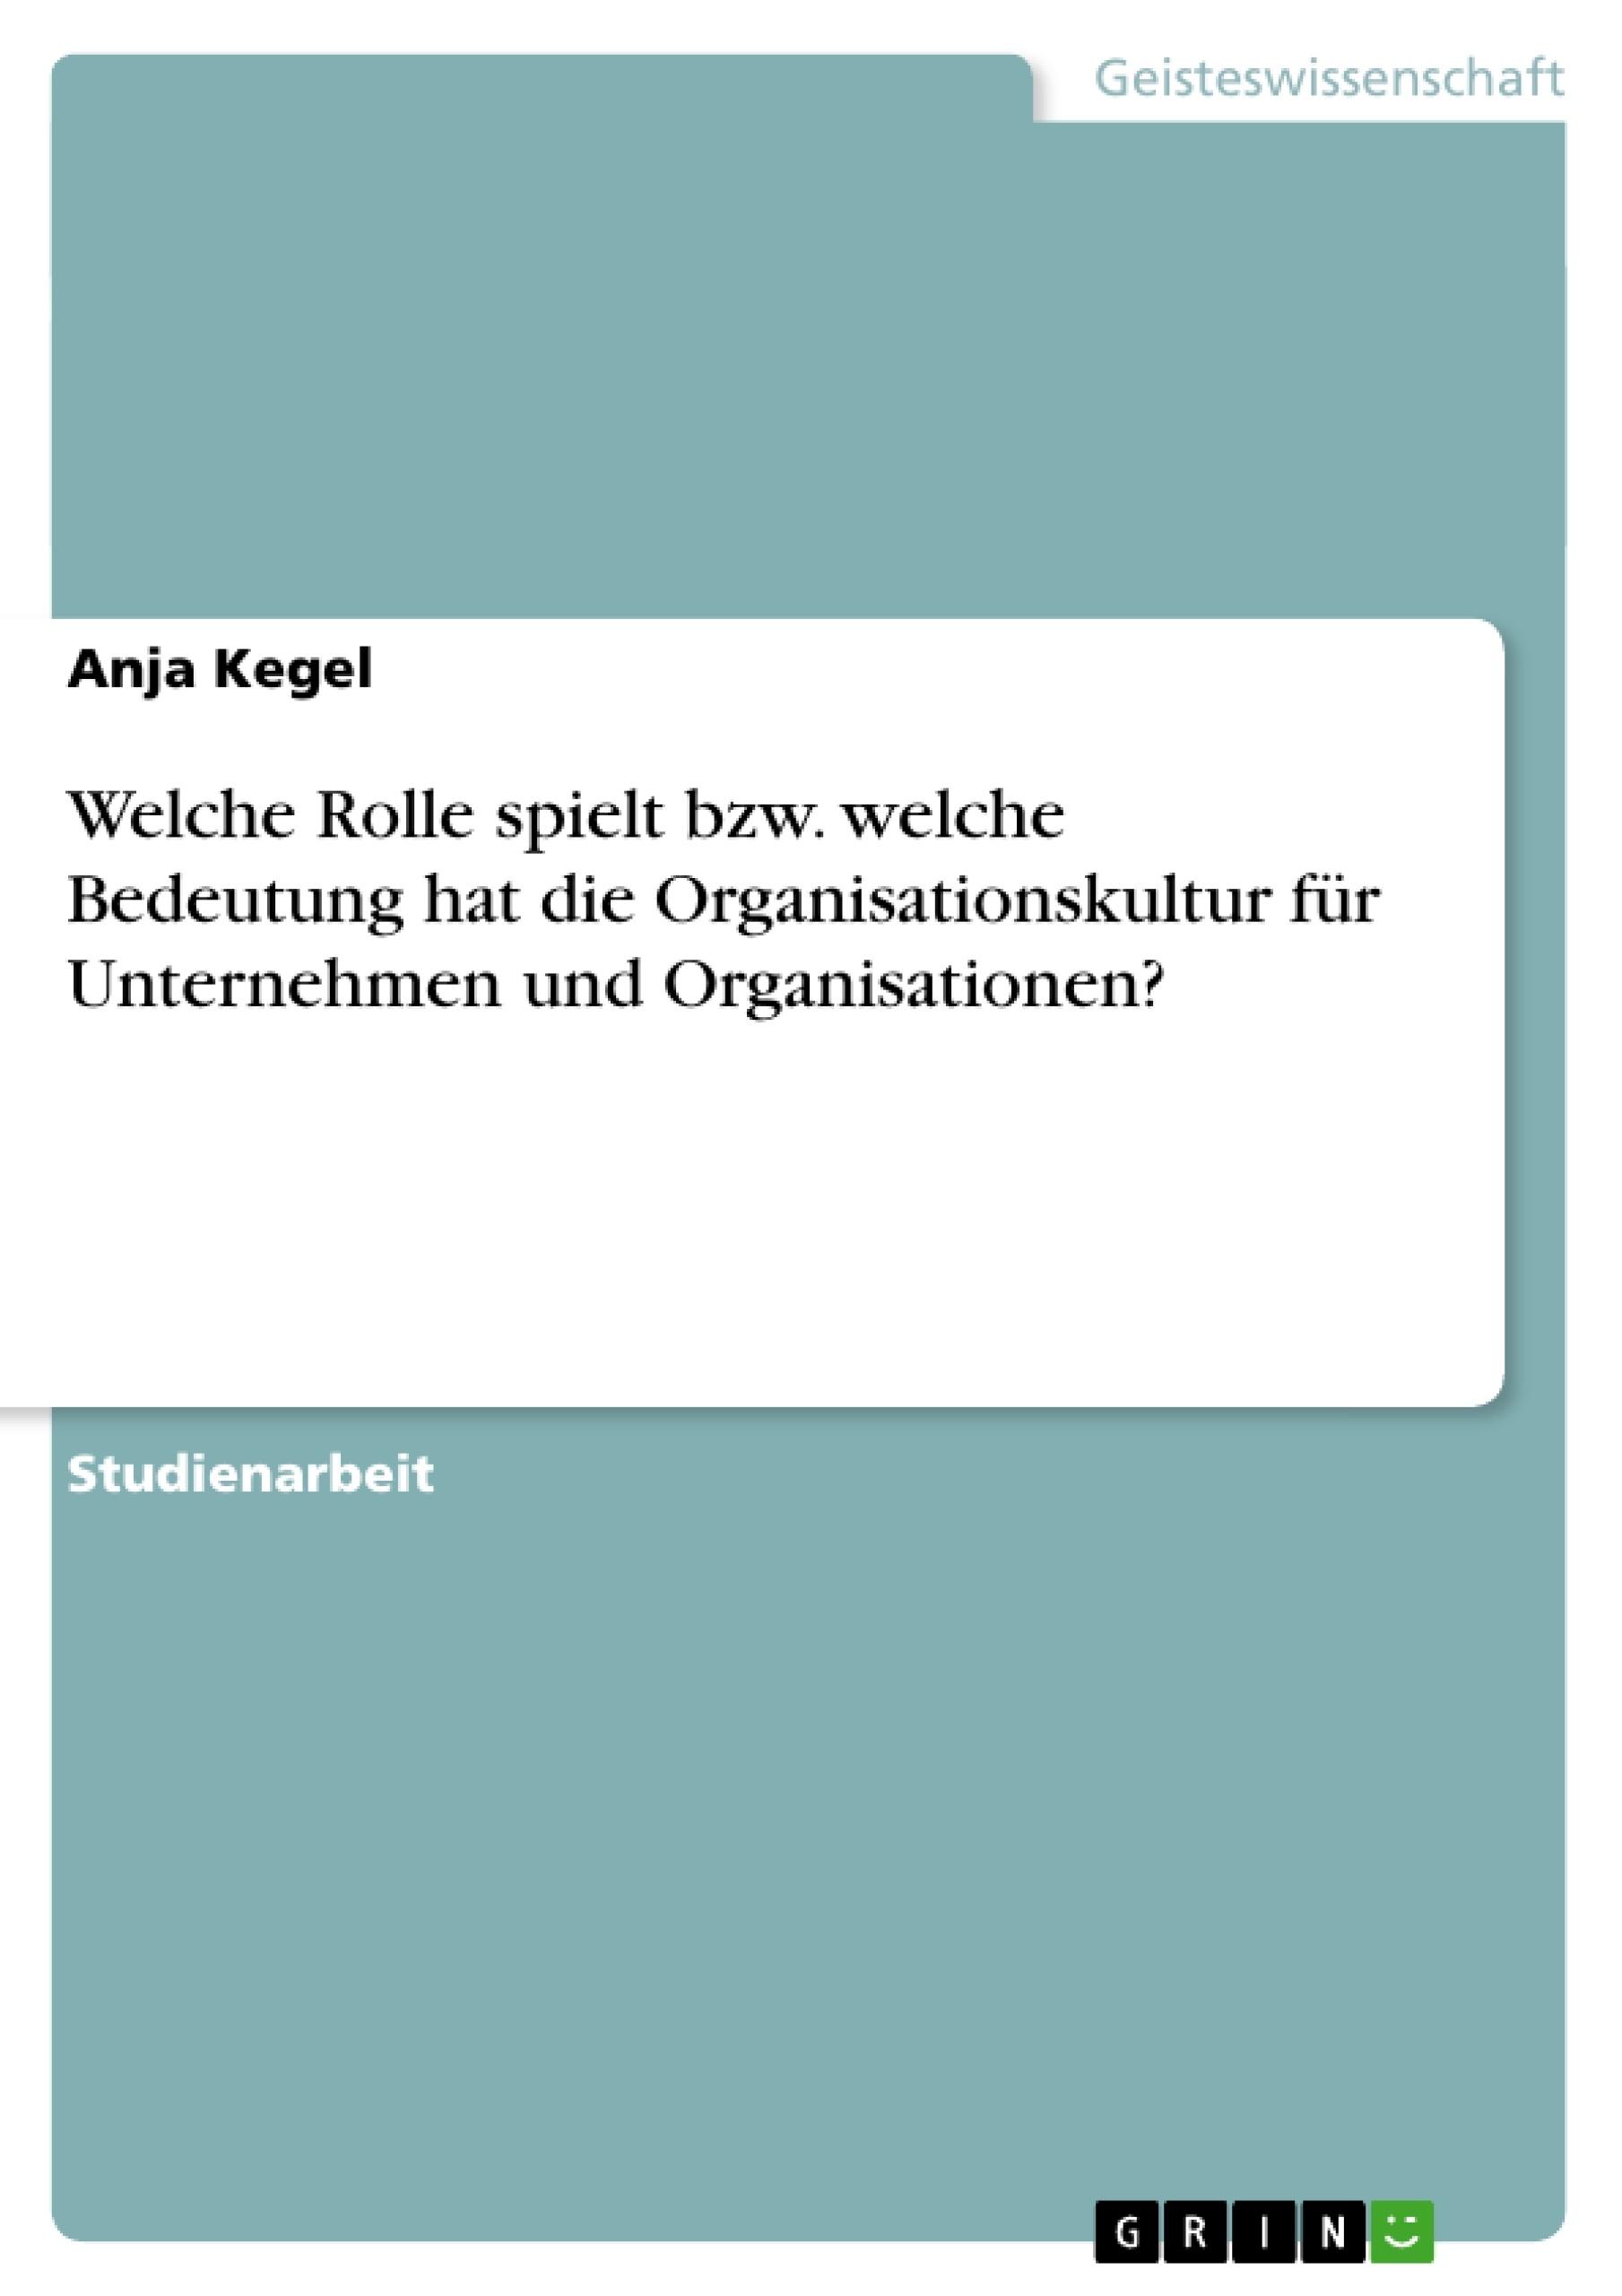 Titel: Welche Rolle spielt bzw. welche Bedeutung hat die Organisationskultur für Unternehmen und Organisationen?